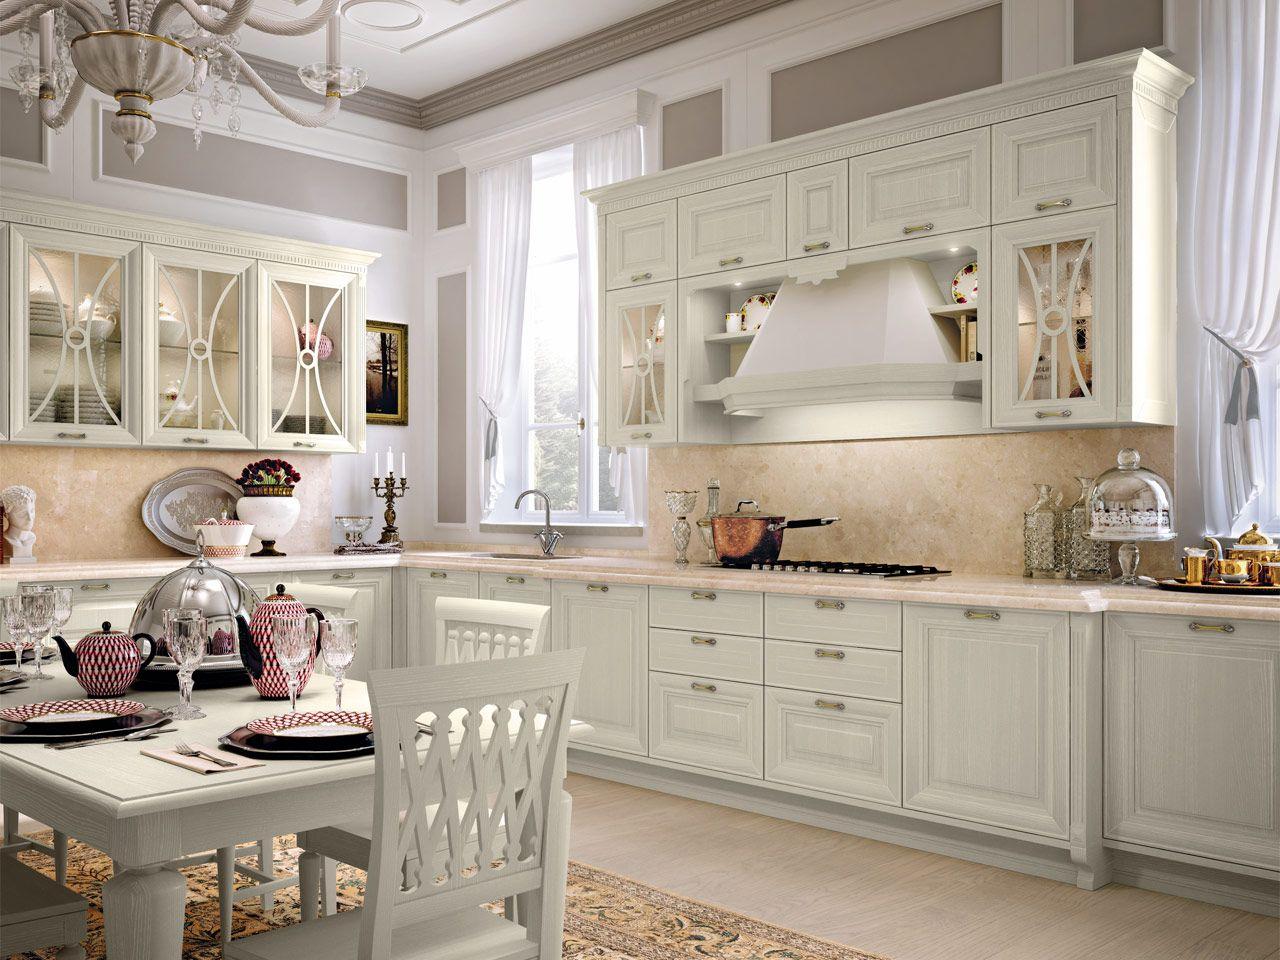 Stunning Cucina Lube Pantheon Prezzo Ideas - Design & Ideas 2017 ...